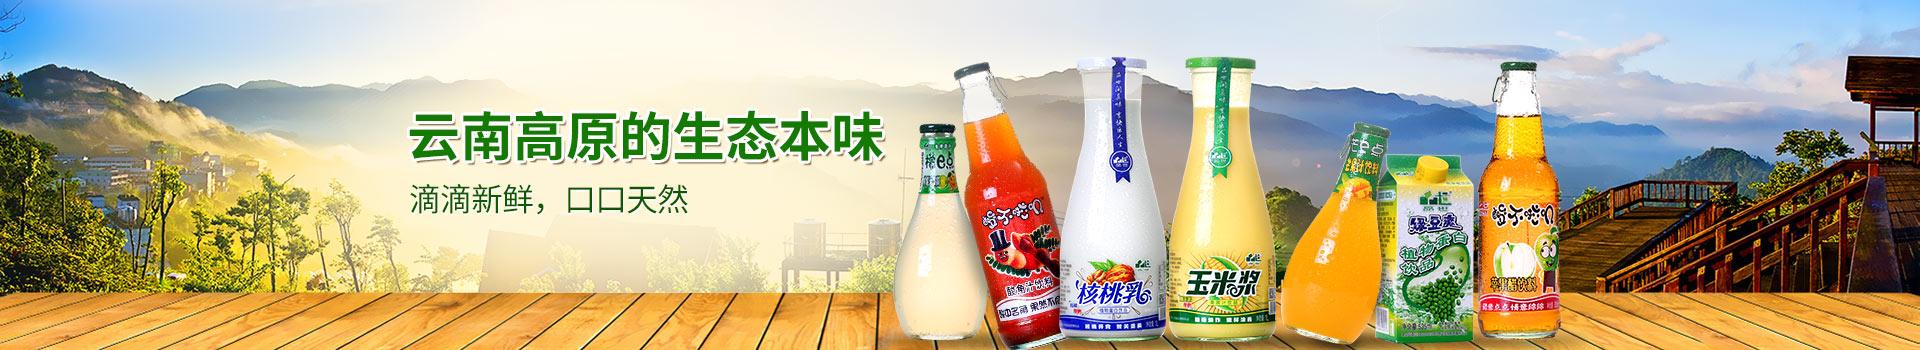 品世饮料,云南高原的生态本味